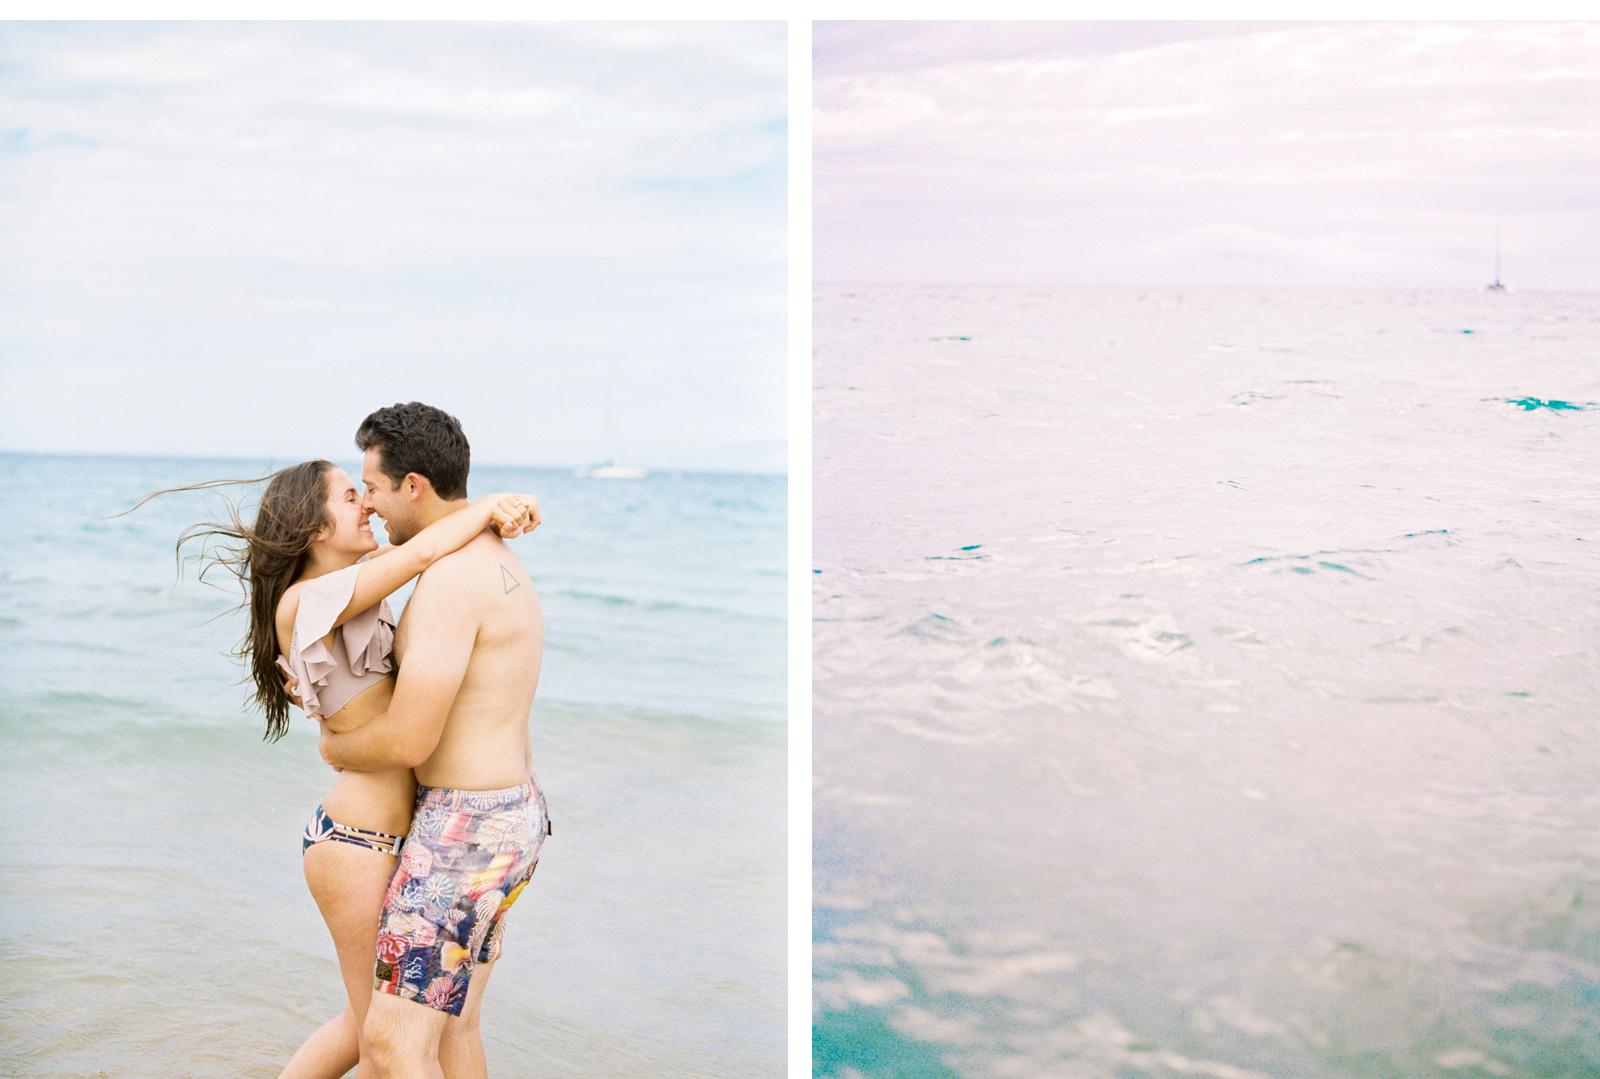 Hawaii-Wedding-Photographer-Natalie-Schutt-Photography_03.jpg